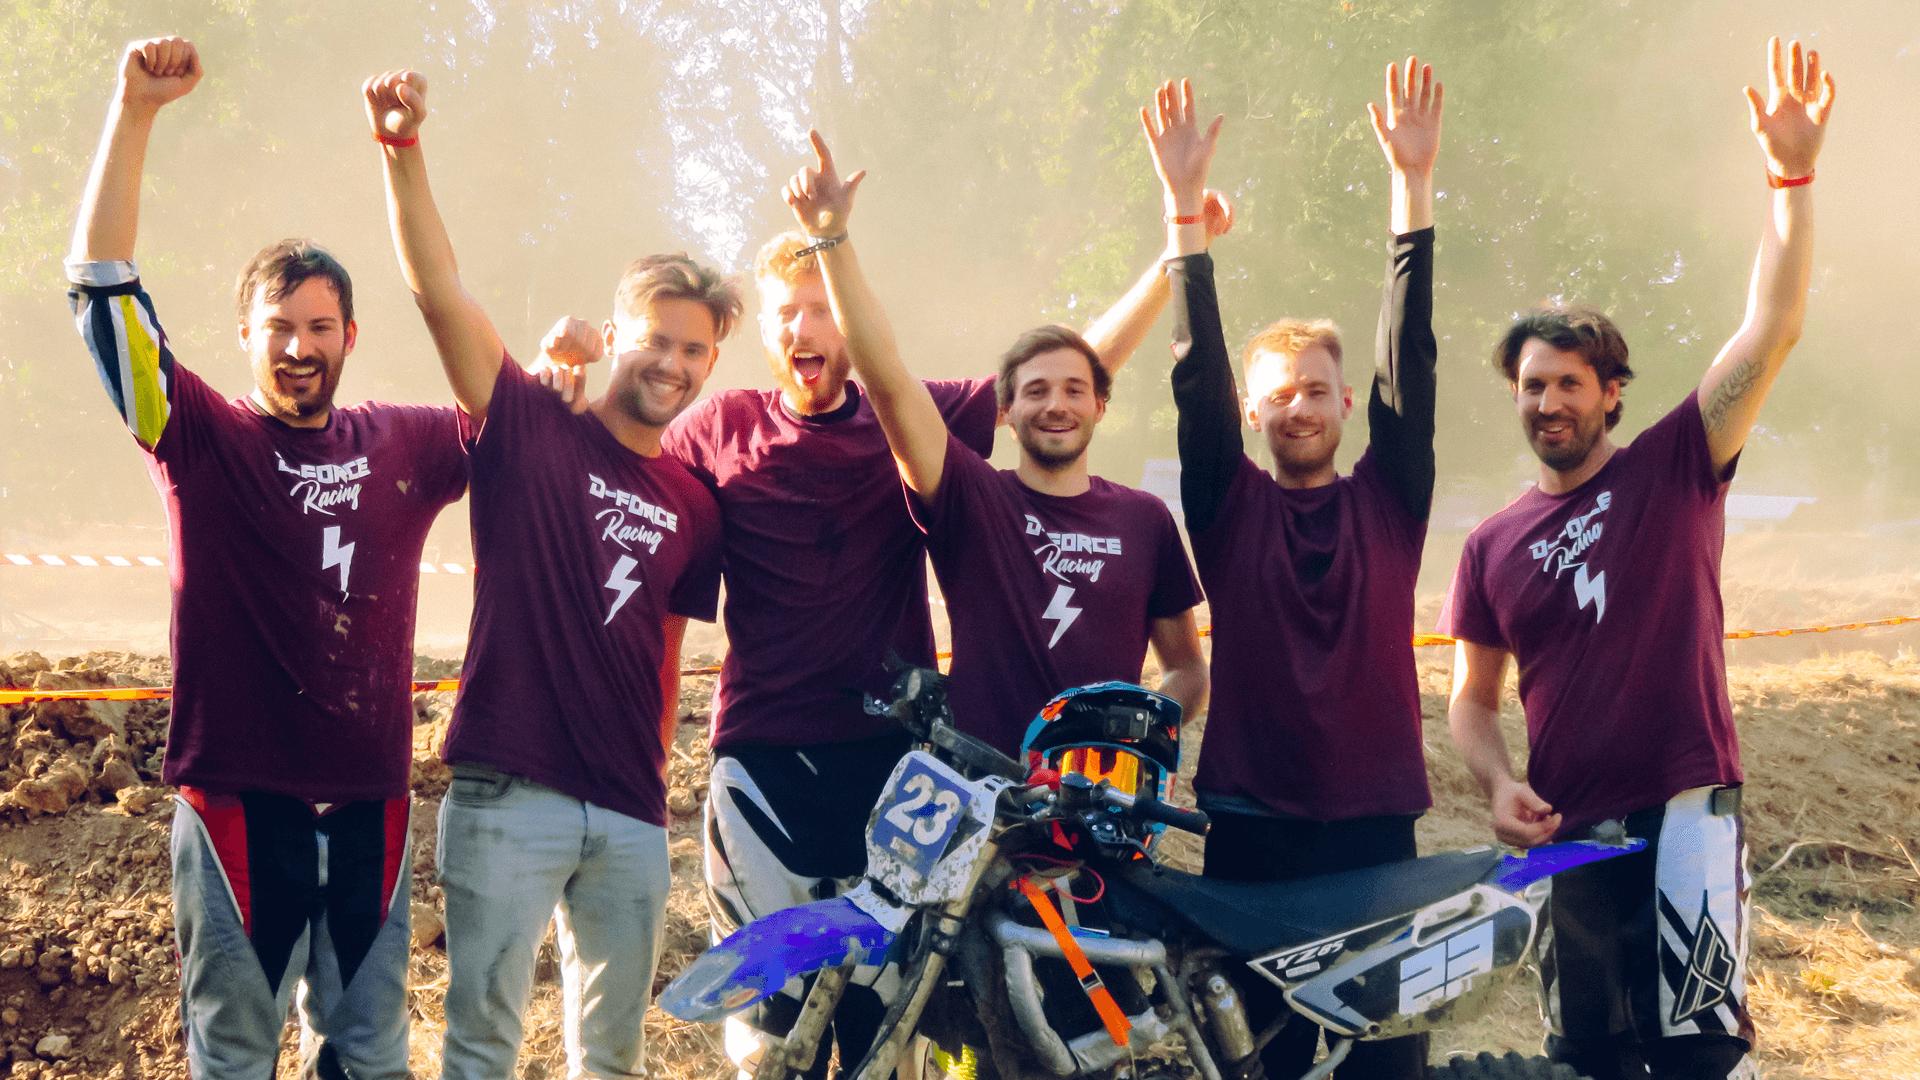 Histoire de vélo de course # 1: Construire une moto personnalisée en 2 mois - Blog officiel Etergo